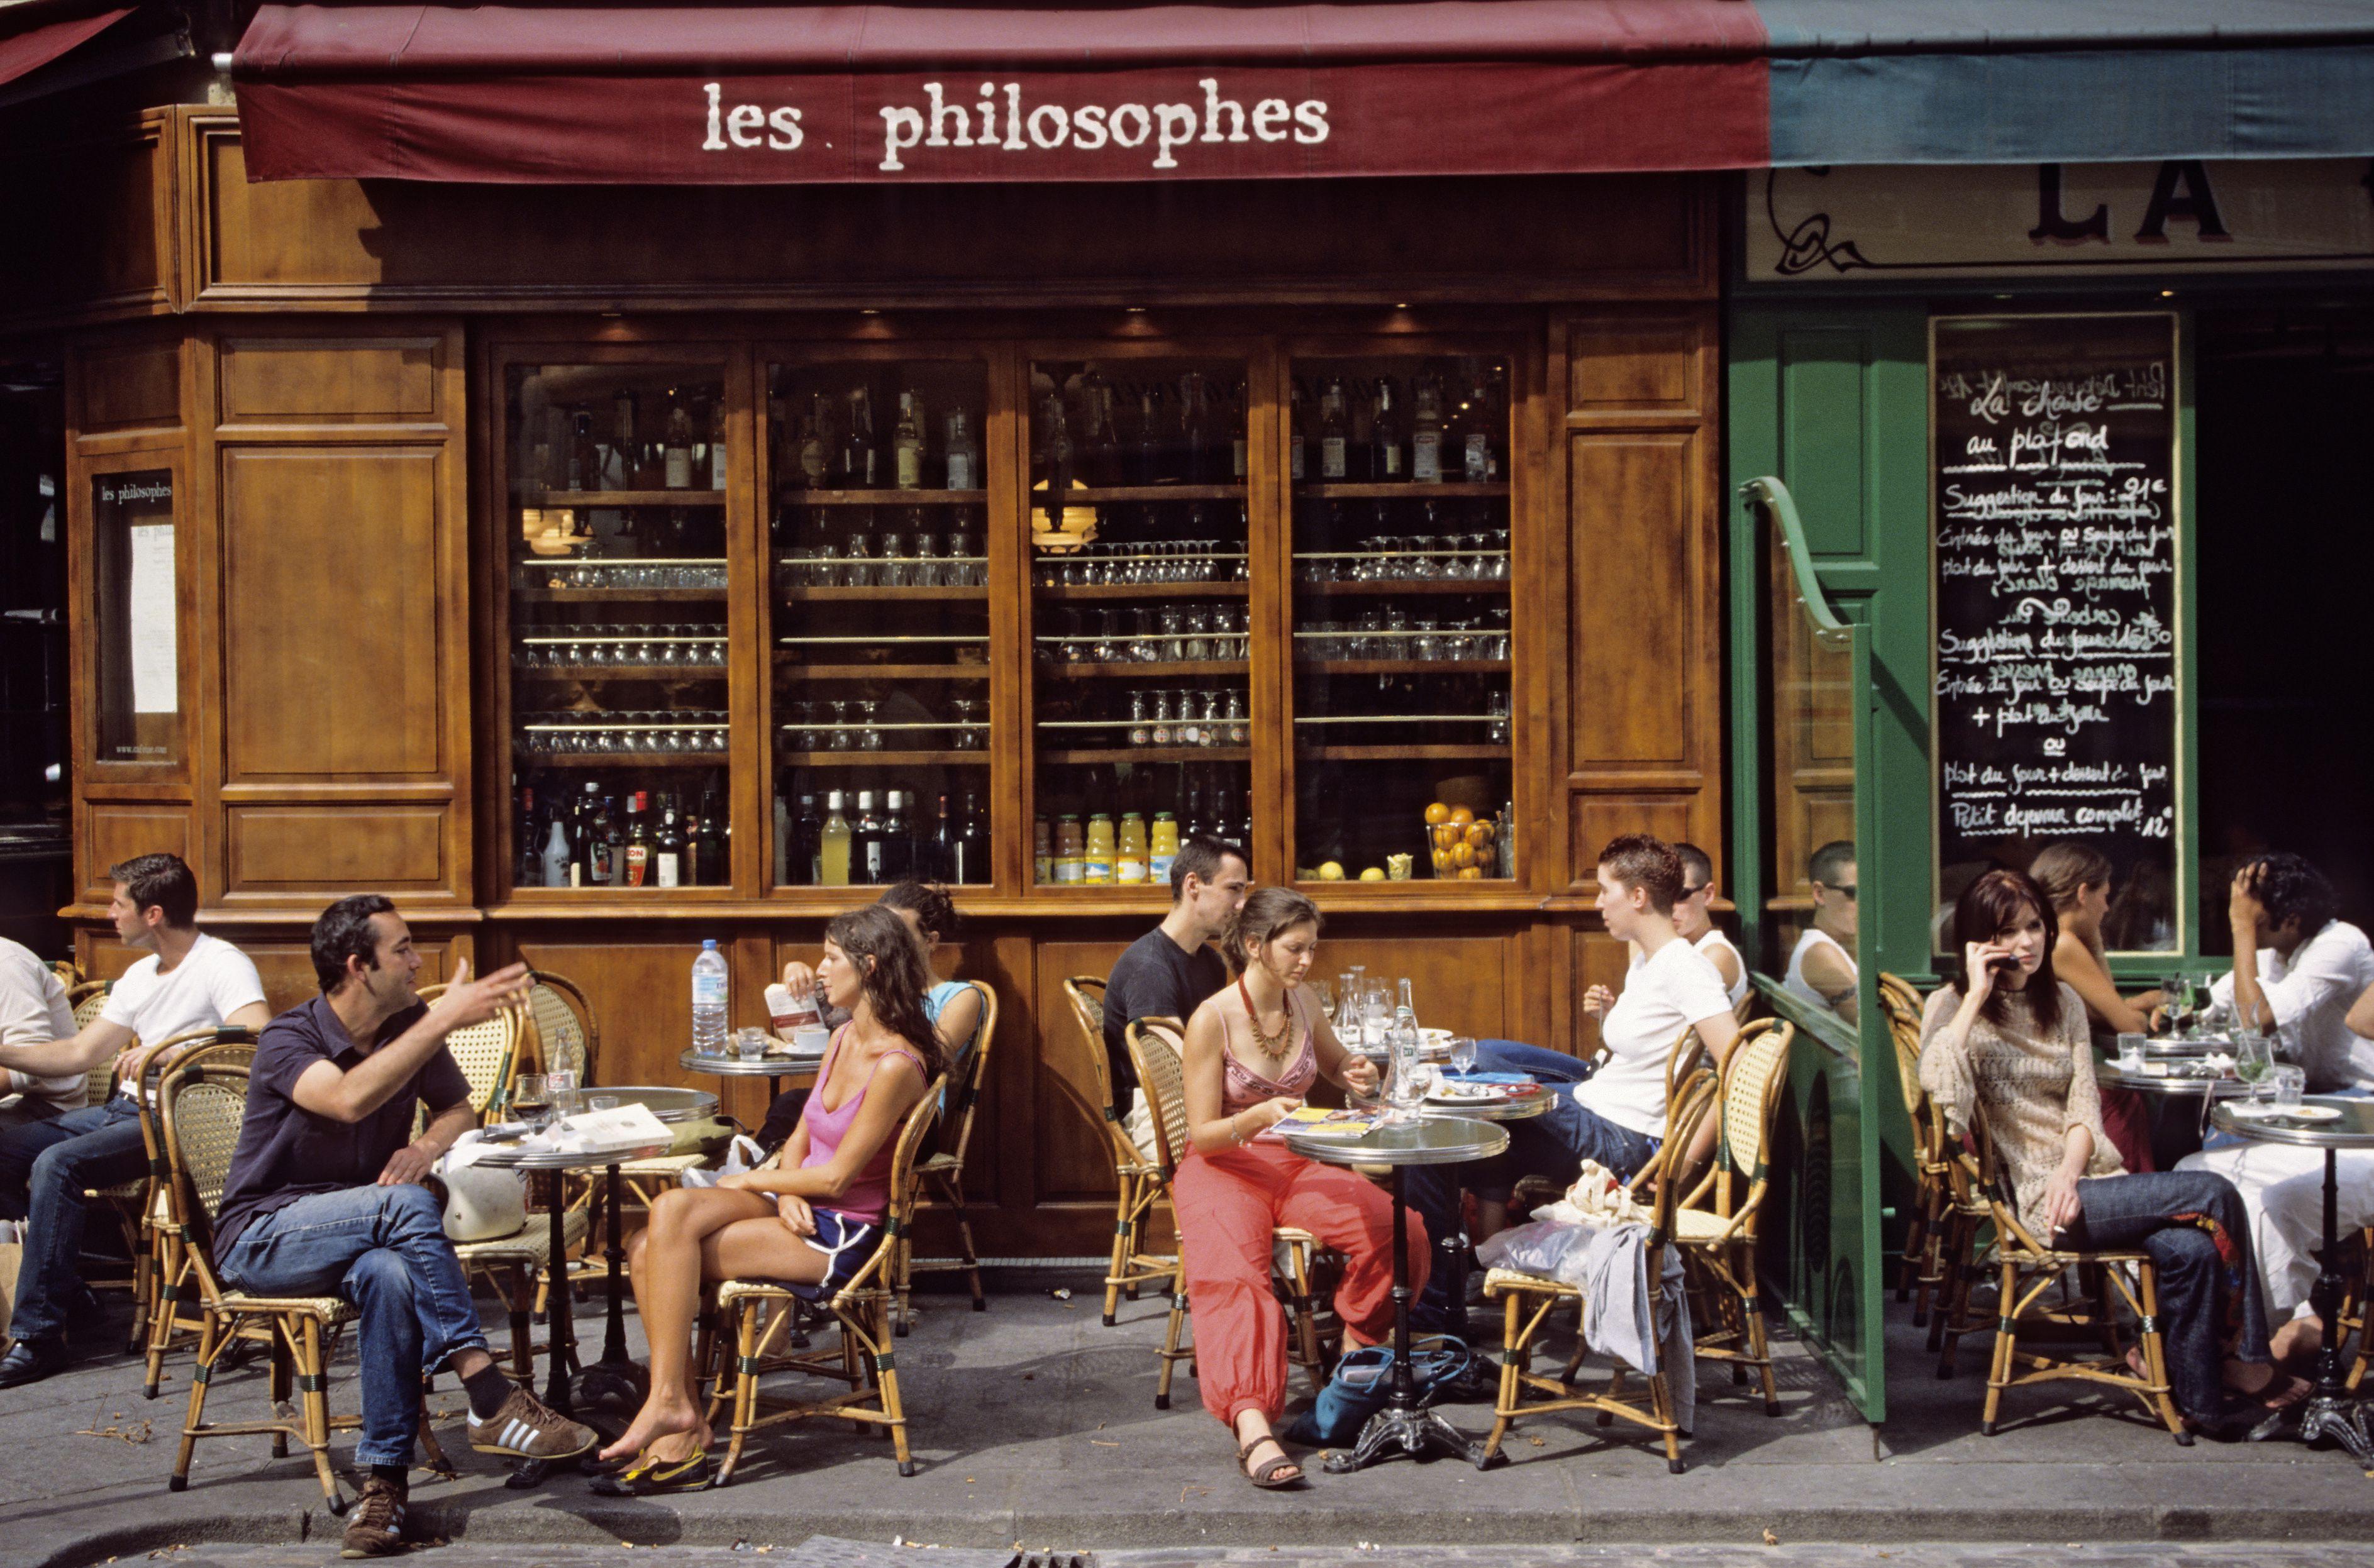 Paris, France cafe sidewalk dining